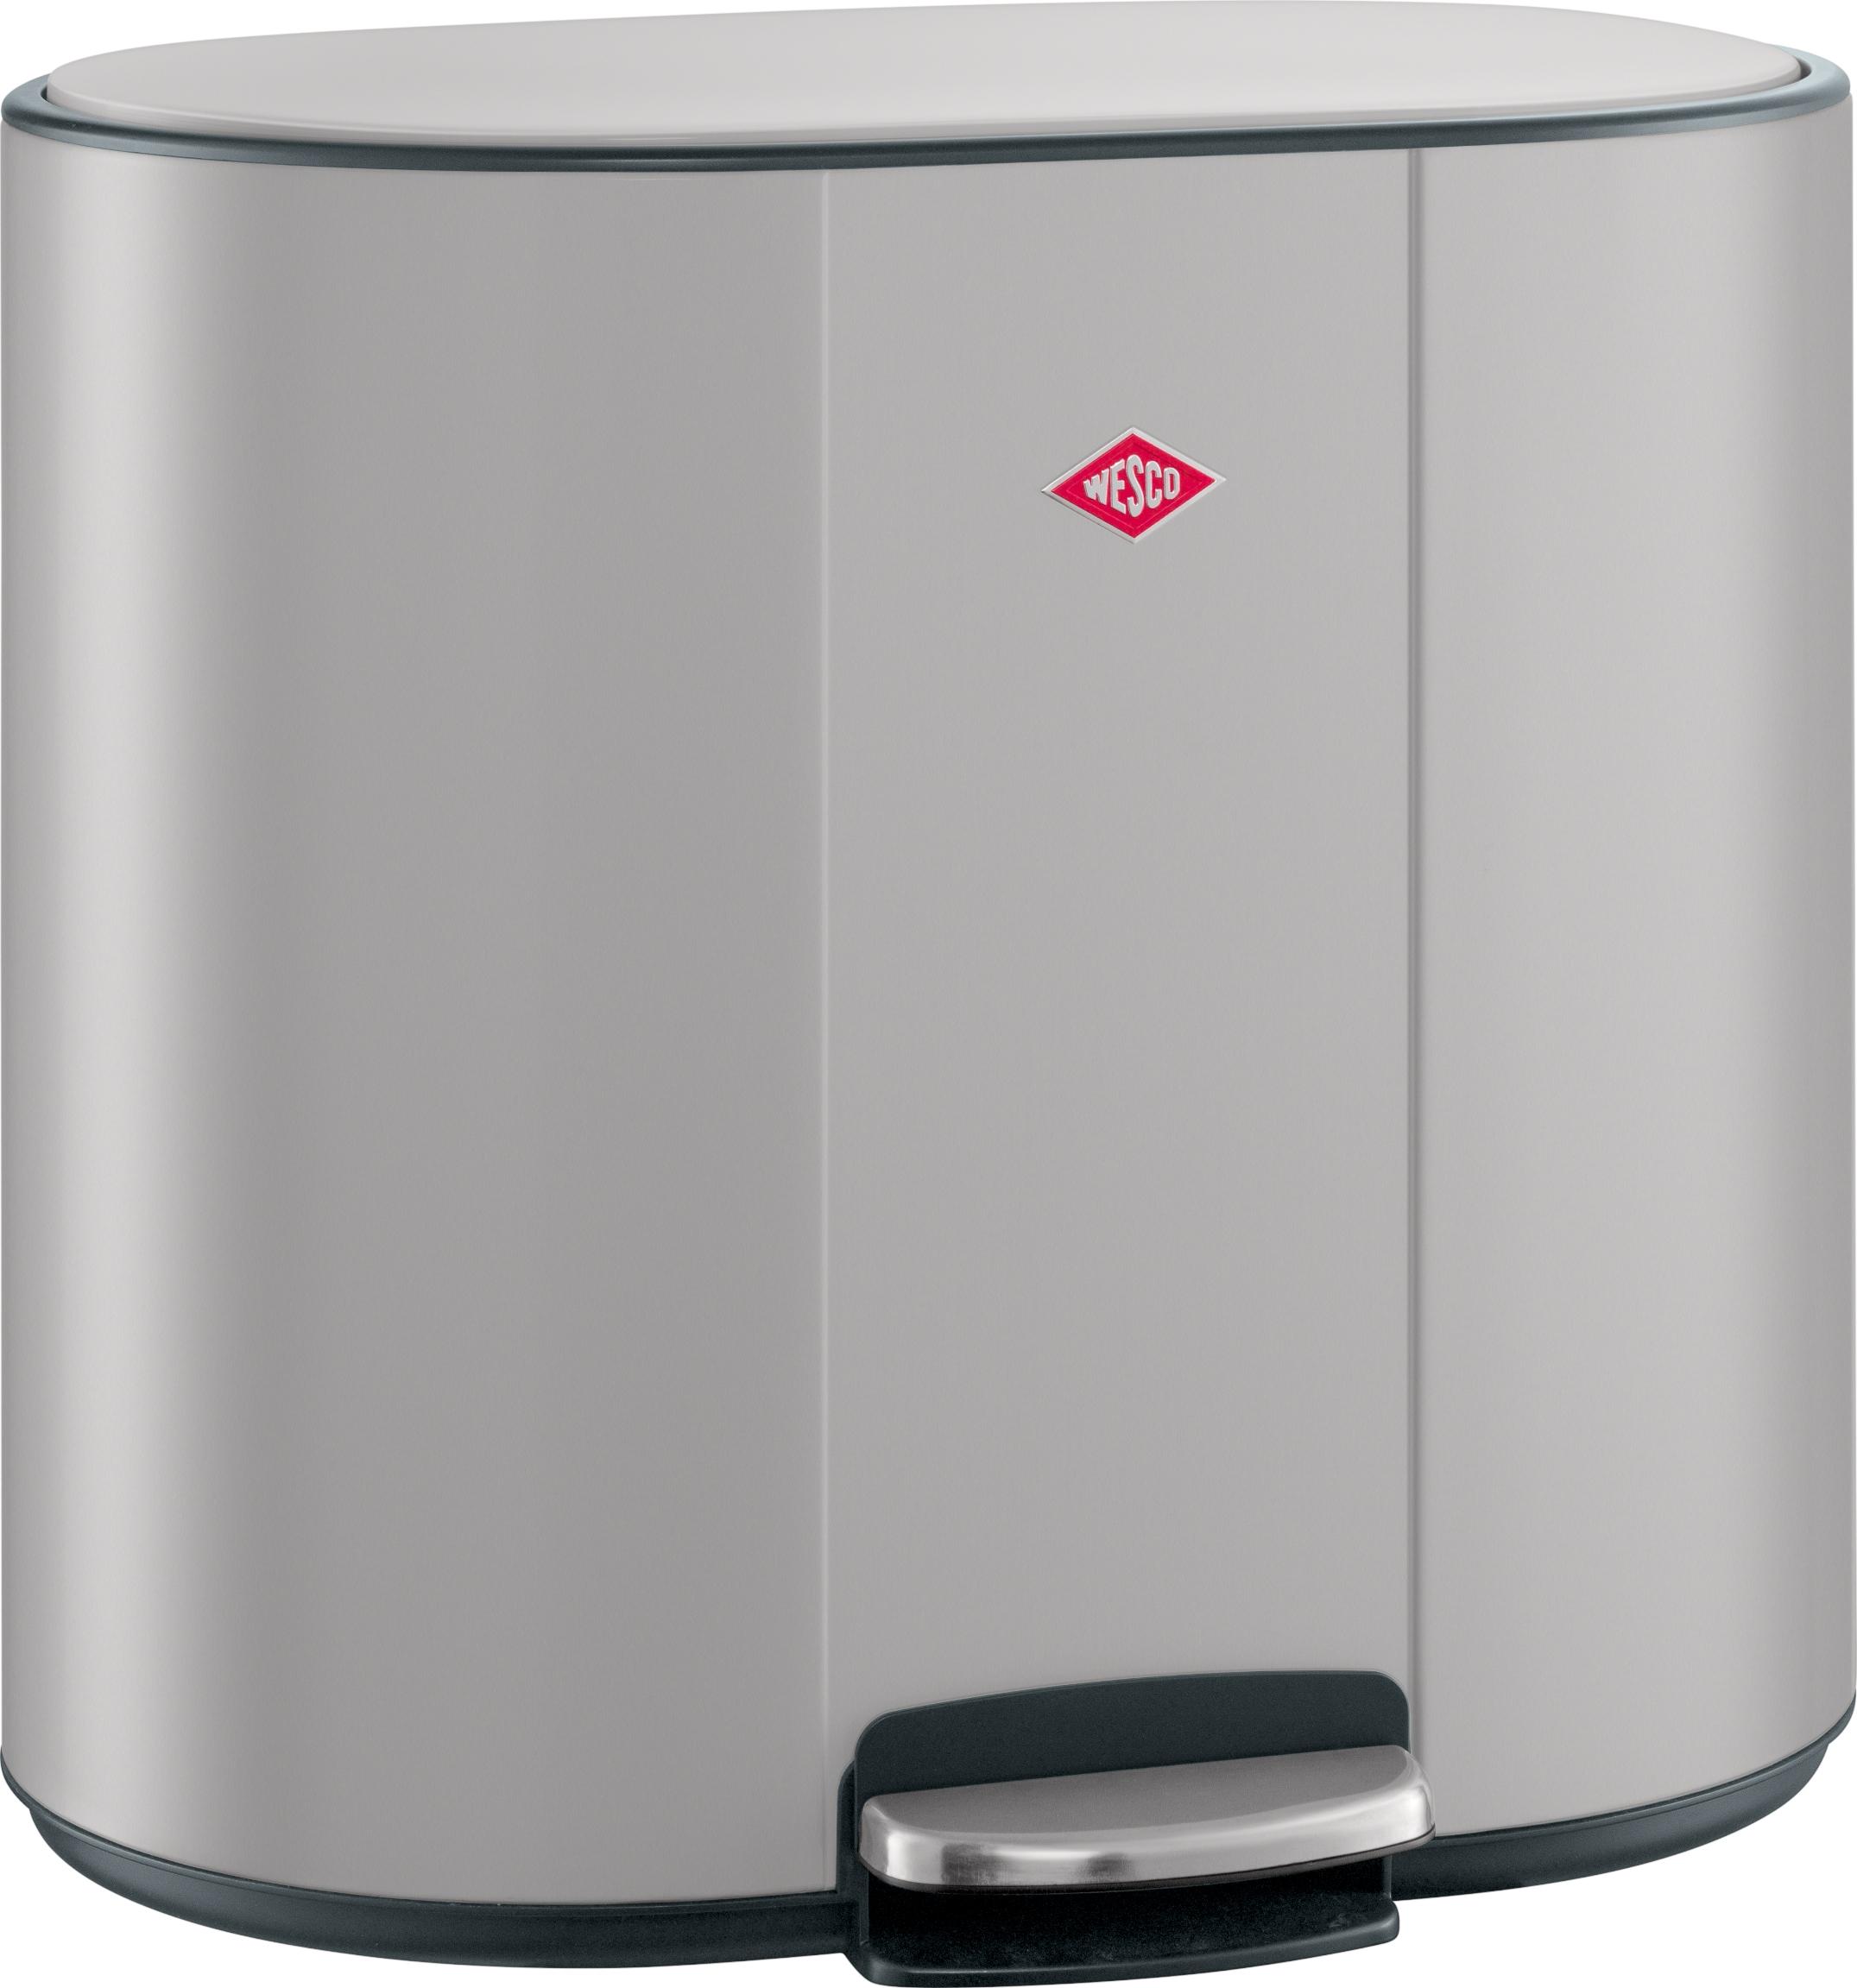 WESCO Abfallsammler MÜLLTRENNER 2 Wohnen/Haushalt/Haushaltswaren/Reinigung/Mülleimer/Mülltrennsysteme